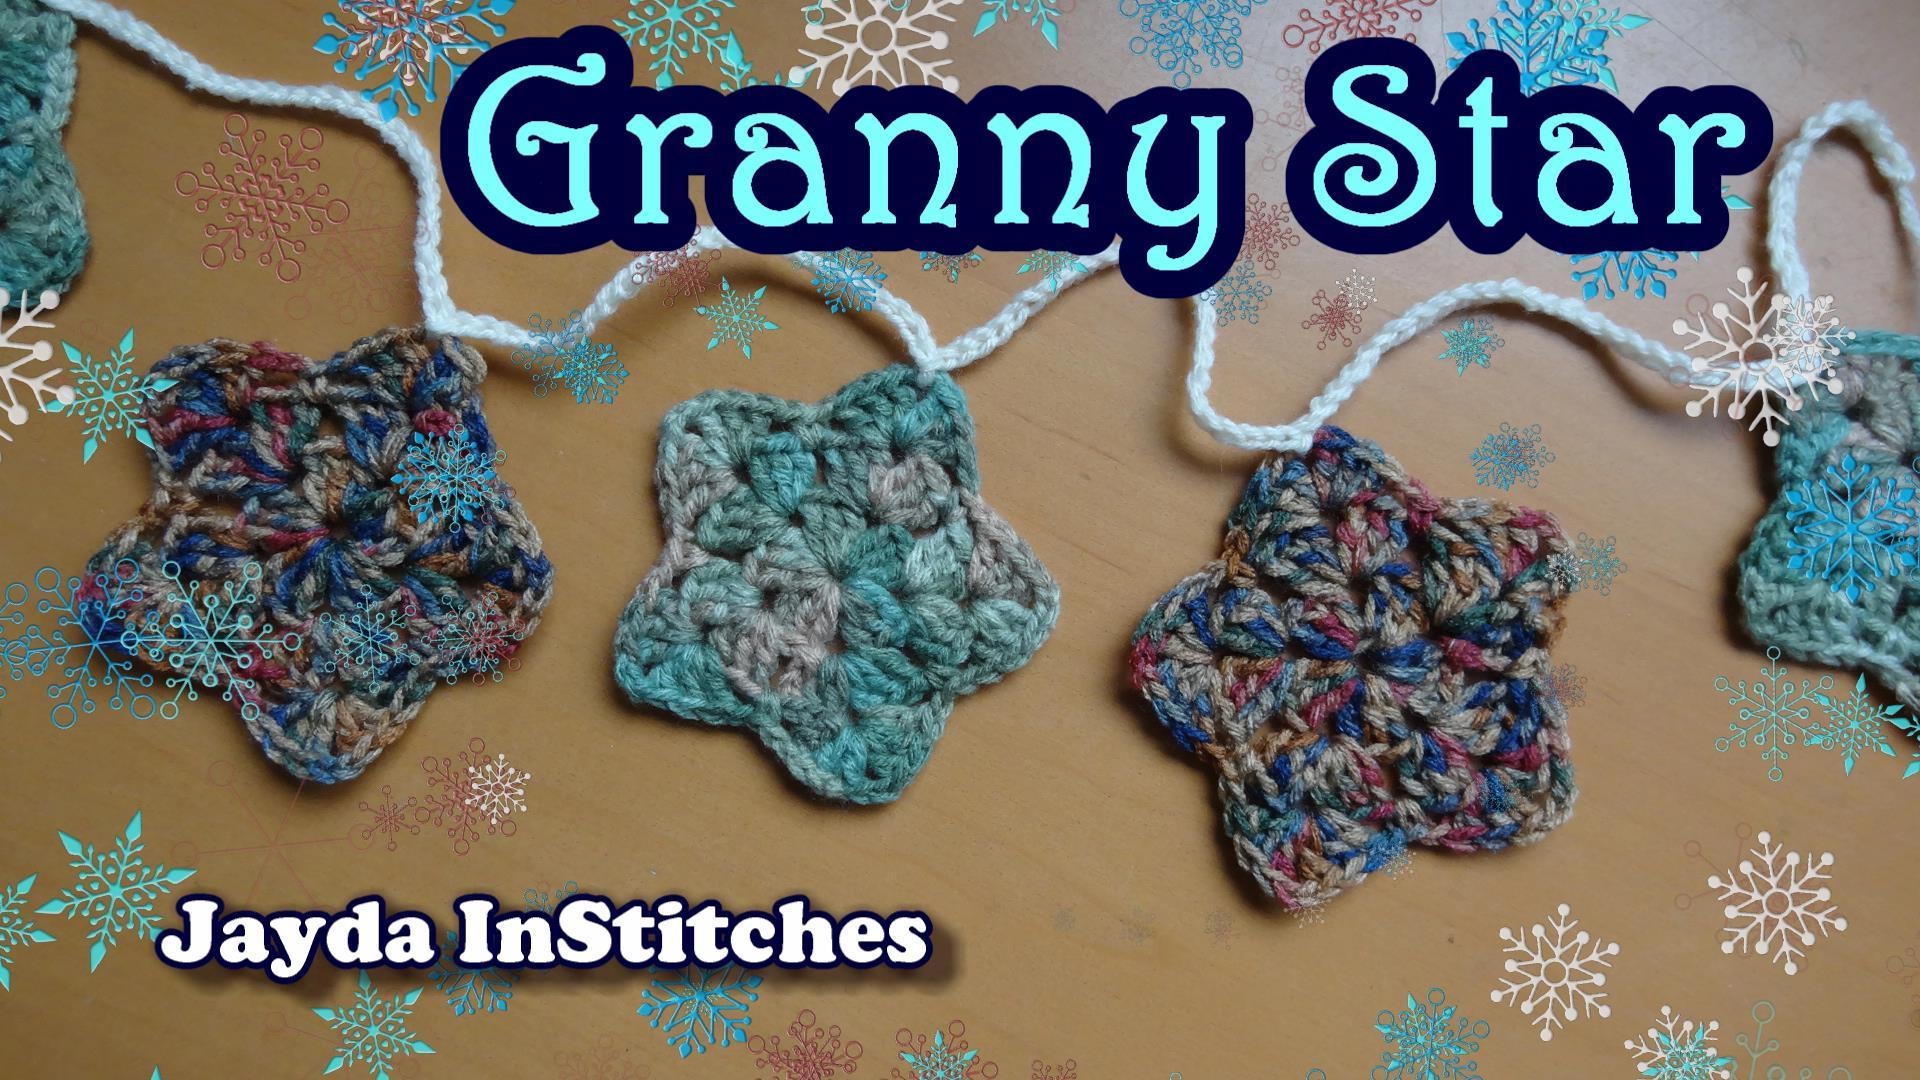 Jayda InStitches Crochet